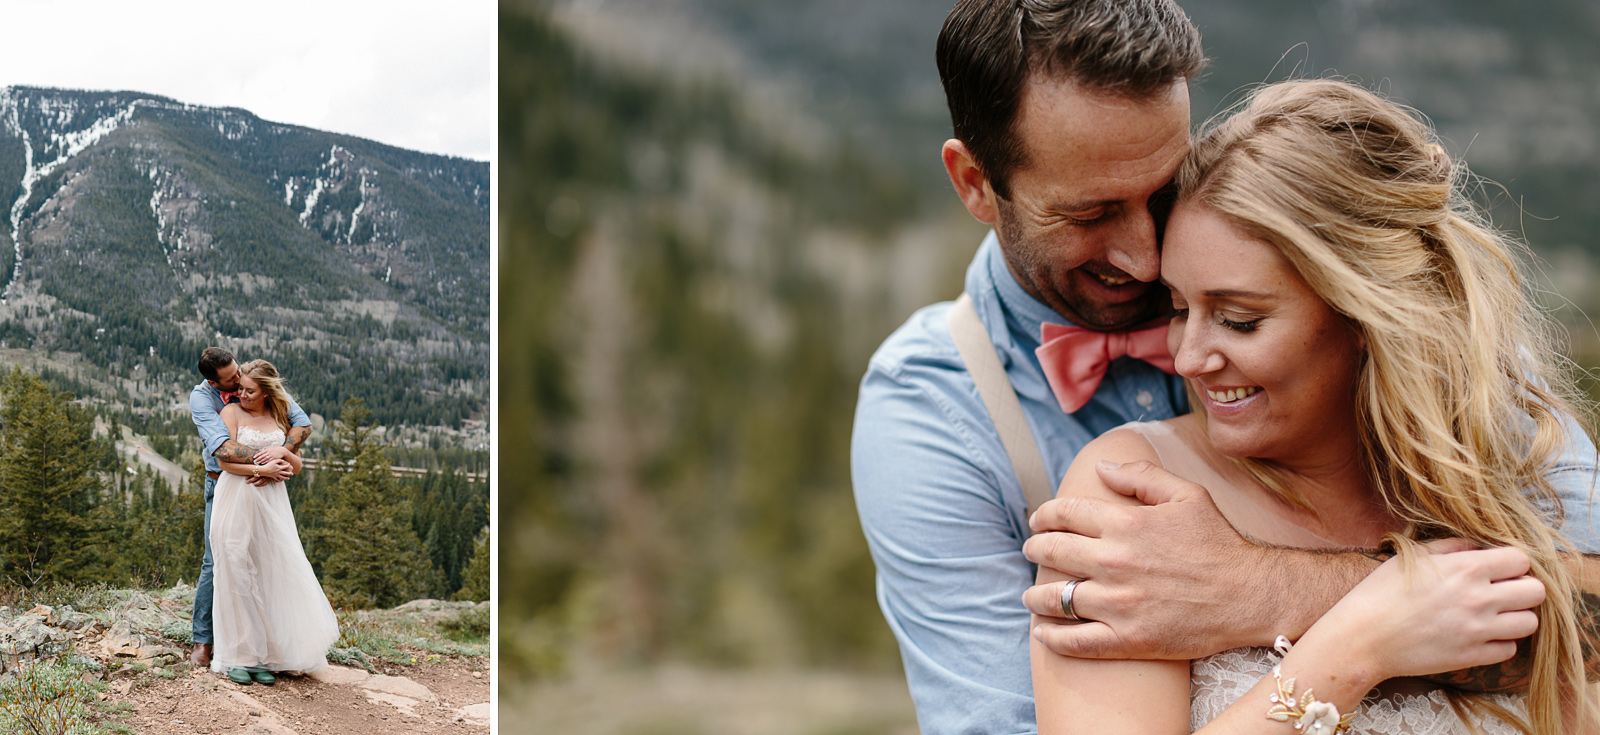 044-vail-elopement-photographer-chris-and-tara.jpg